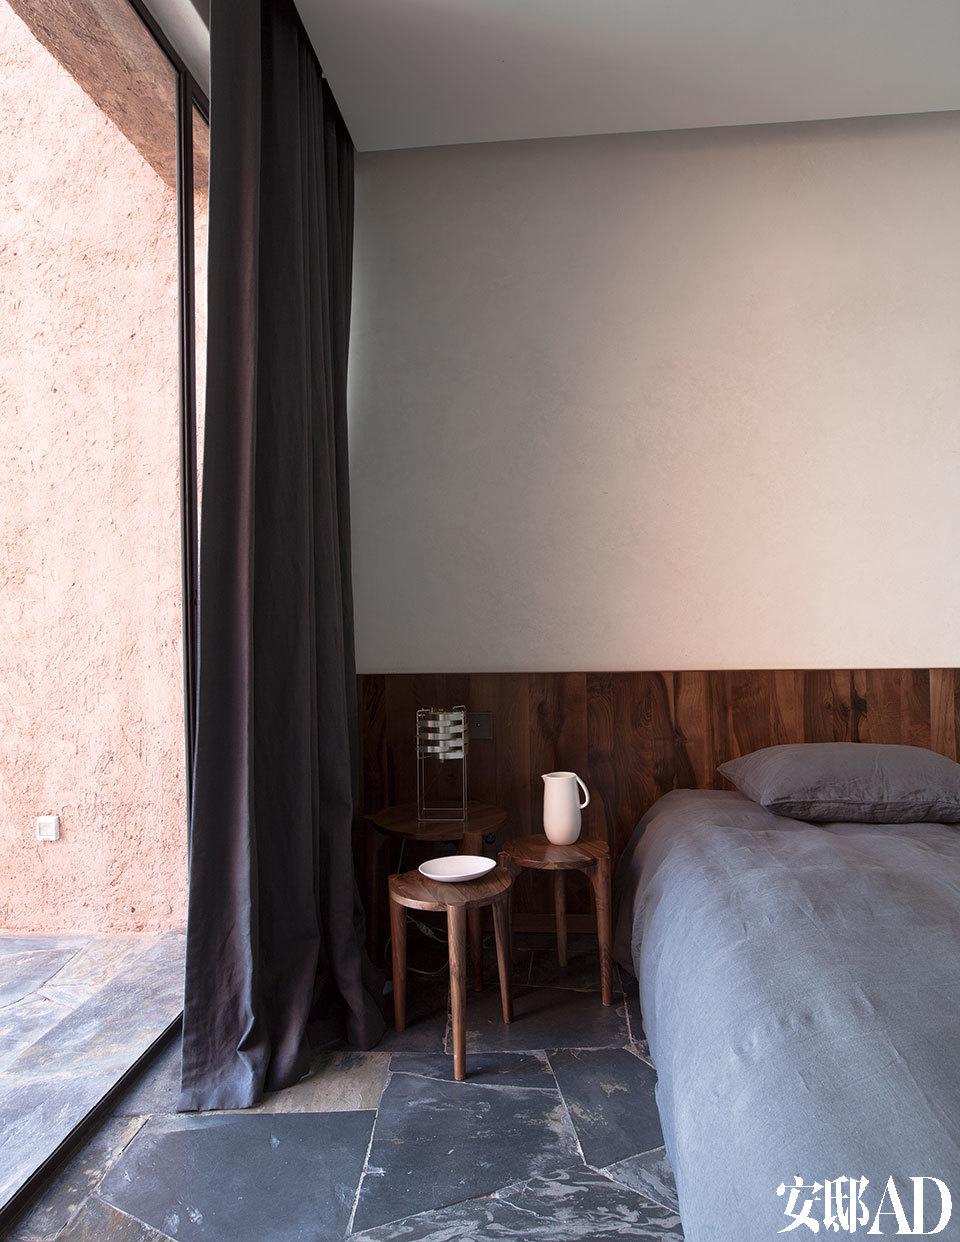 一间卧室中,床头的一组胡桃木小桌同样是来自Ko的设计,茶几上的陶器是设计师Nelson Sepulveda的作品,炭色棉质窗帘来自Dominique Kieffer。当地工匠那细细琢磨的手工艺,为整个家附上了一种生命的温润。